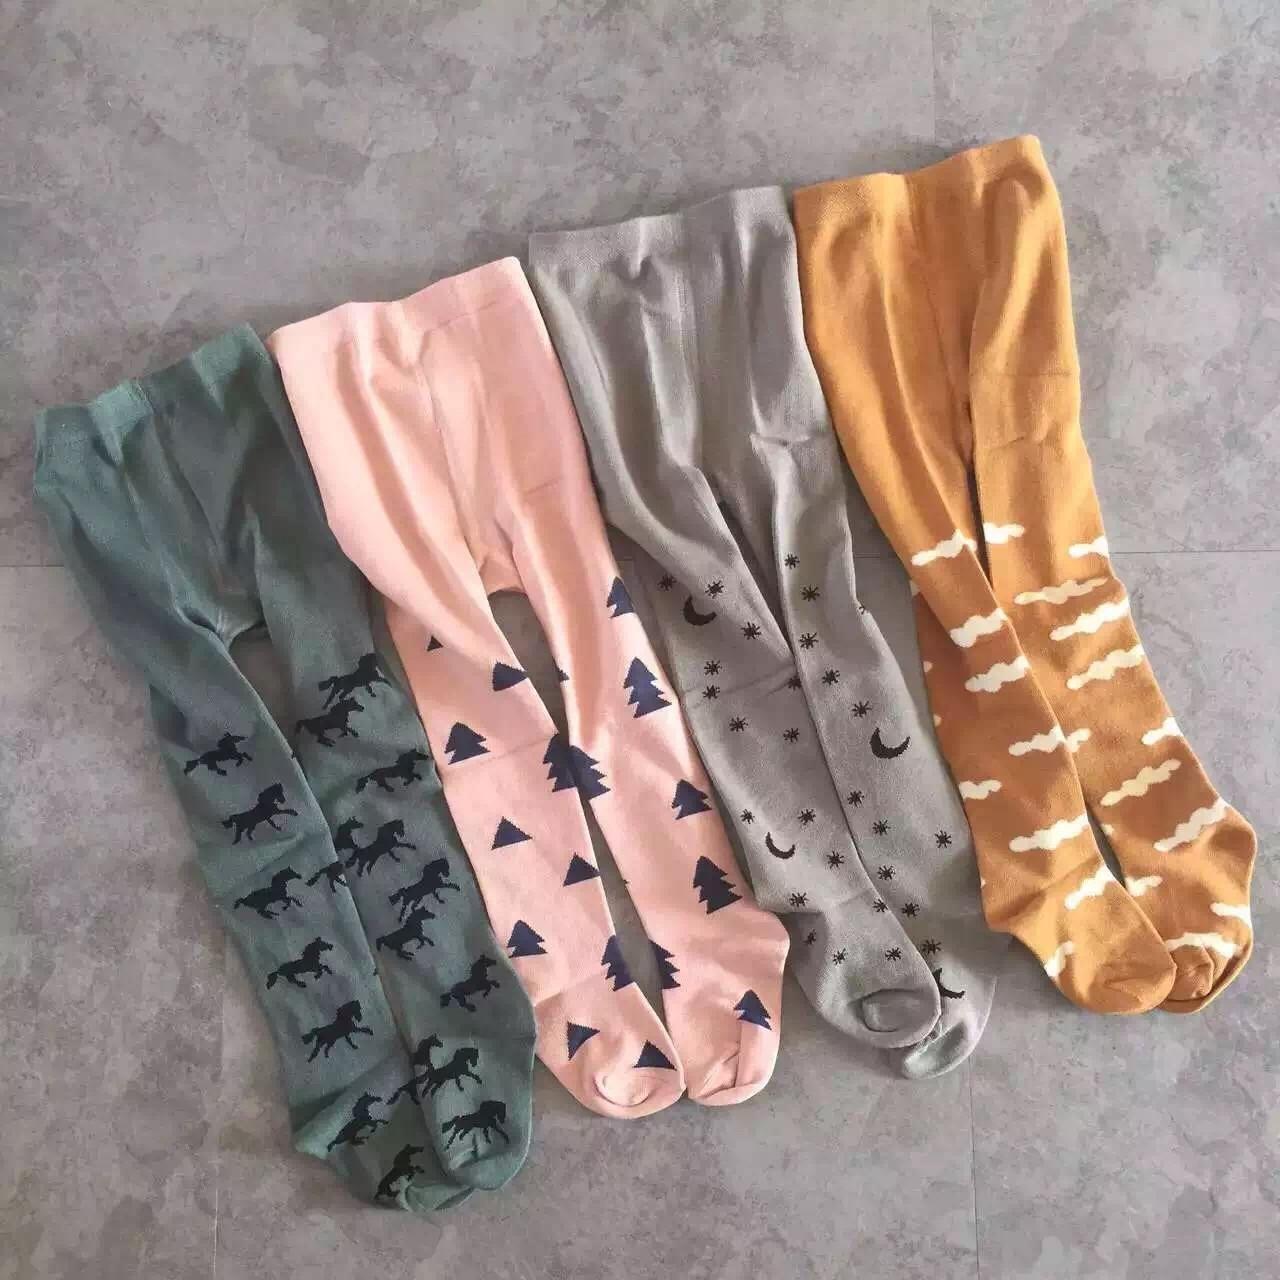 2018 autunno inverno bobo sceglie bambino 100% ins caldo cotone collant ragazze legging di spessore legging termico pantaloni del bambino vestiti della ragazza